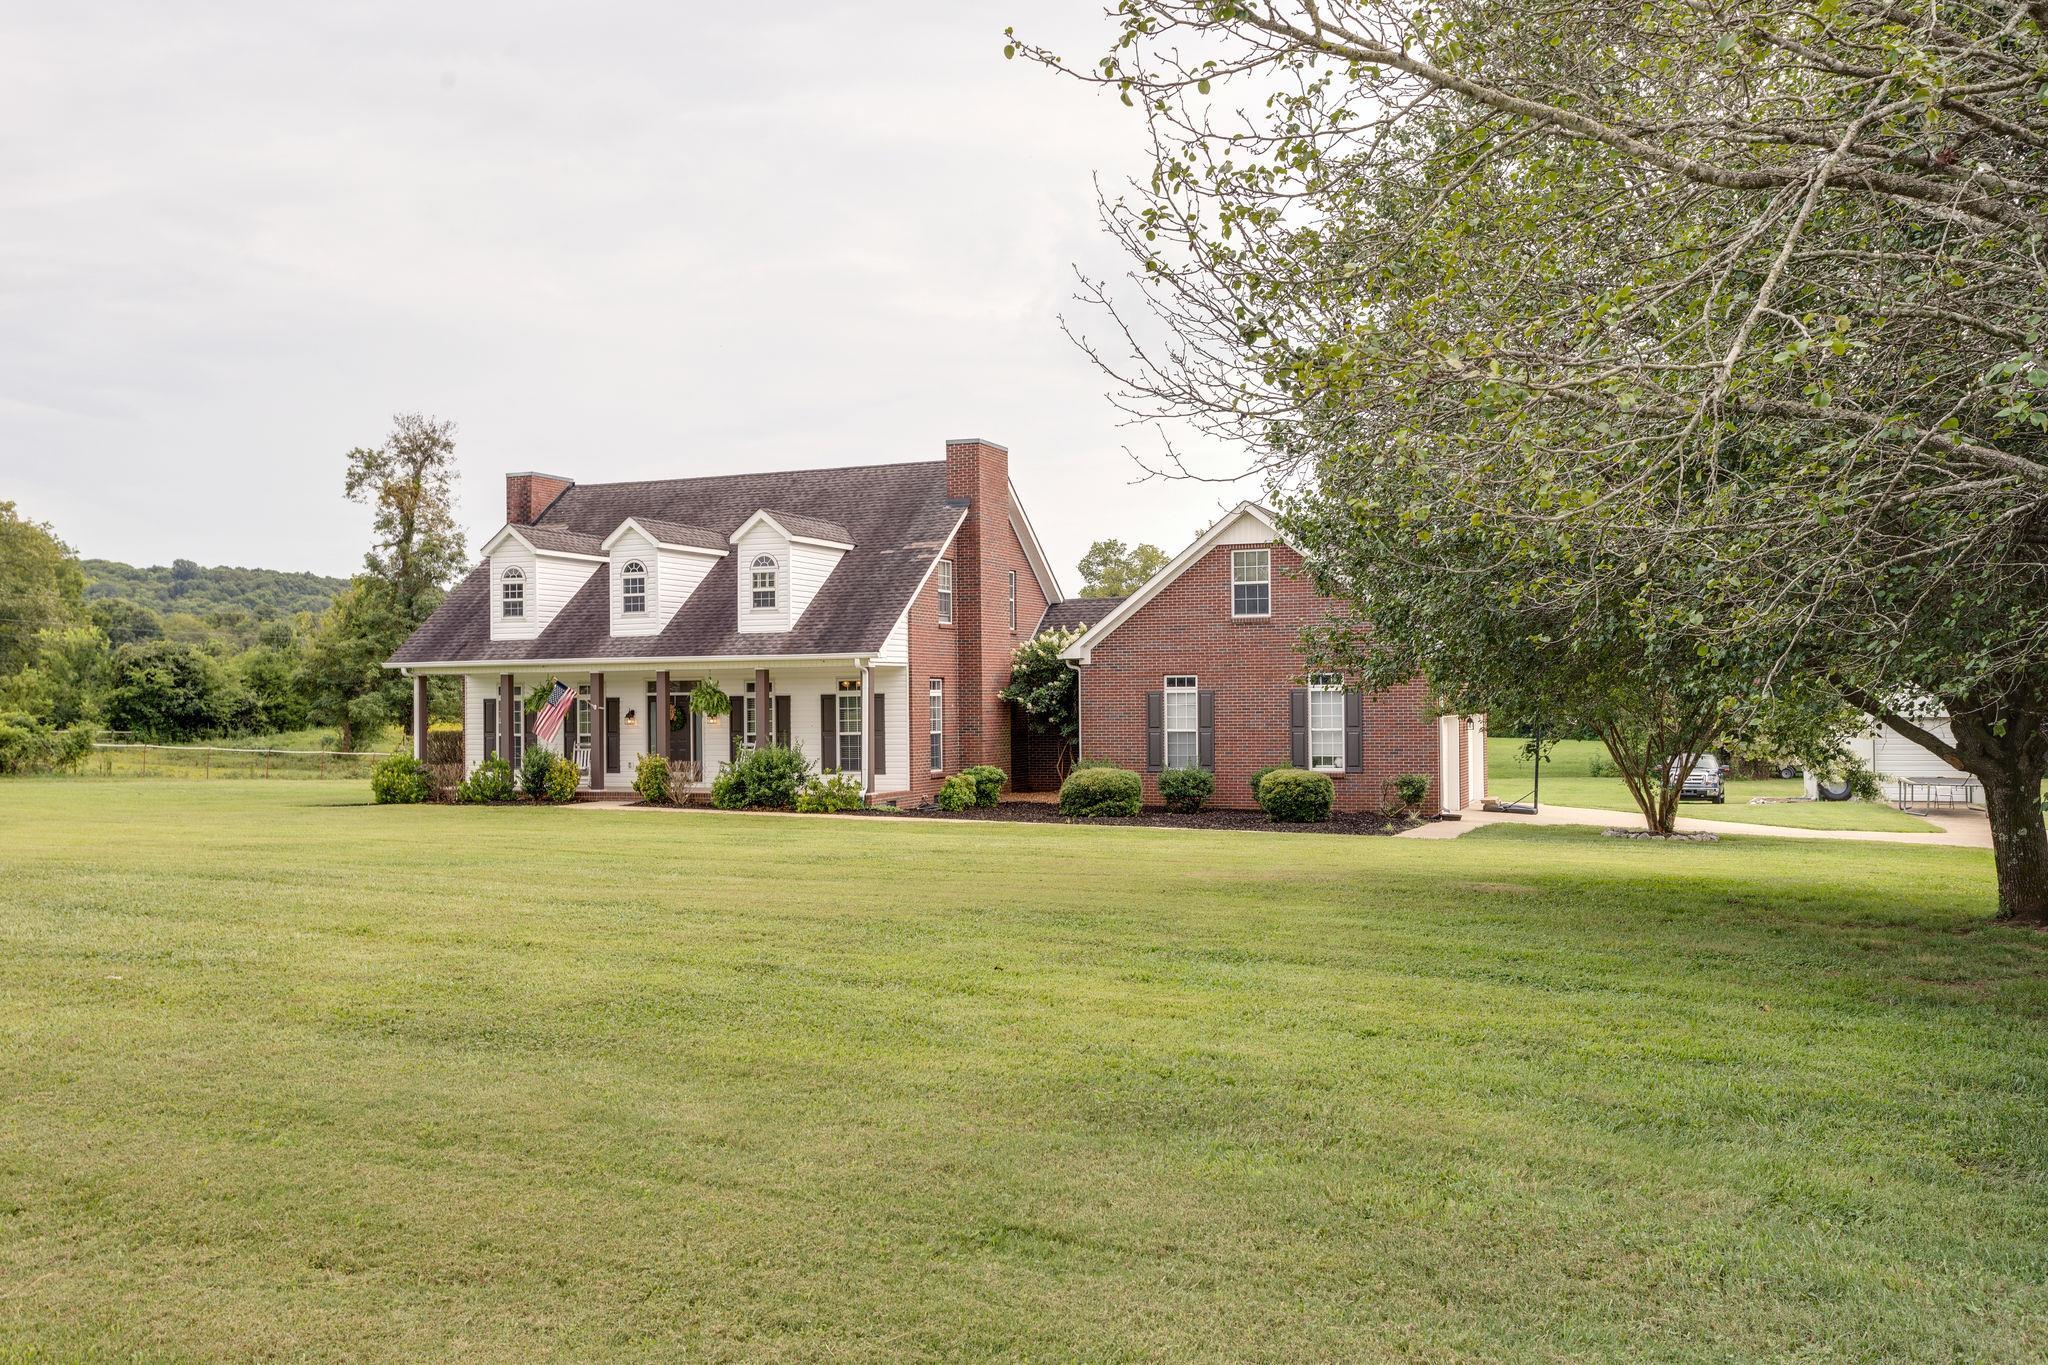 3364 Murphy Ln, Columbia, TN 38401 - Columbia, TN real estate listing